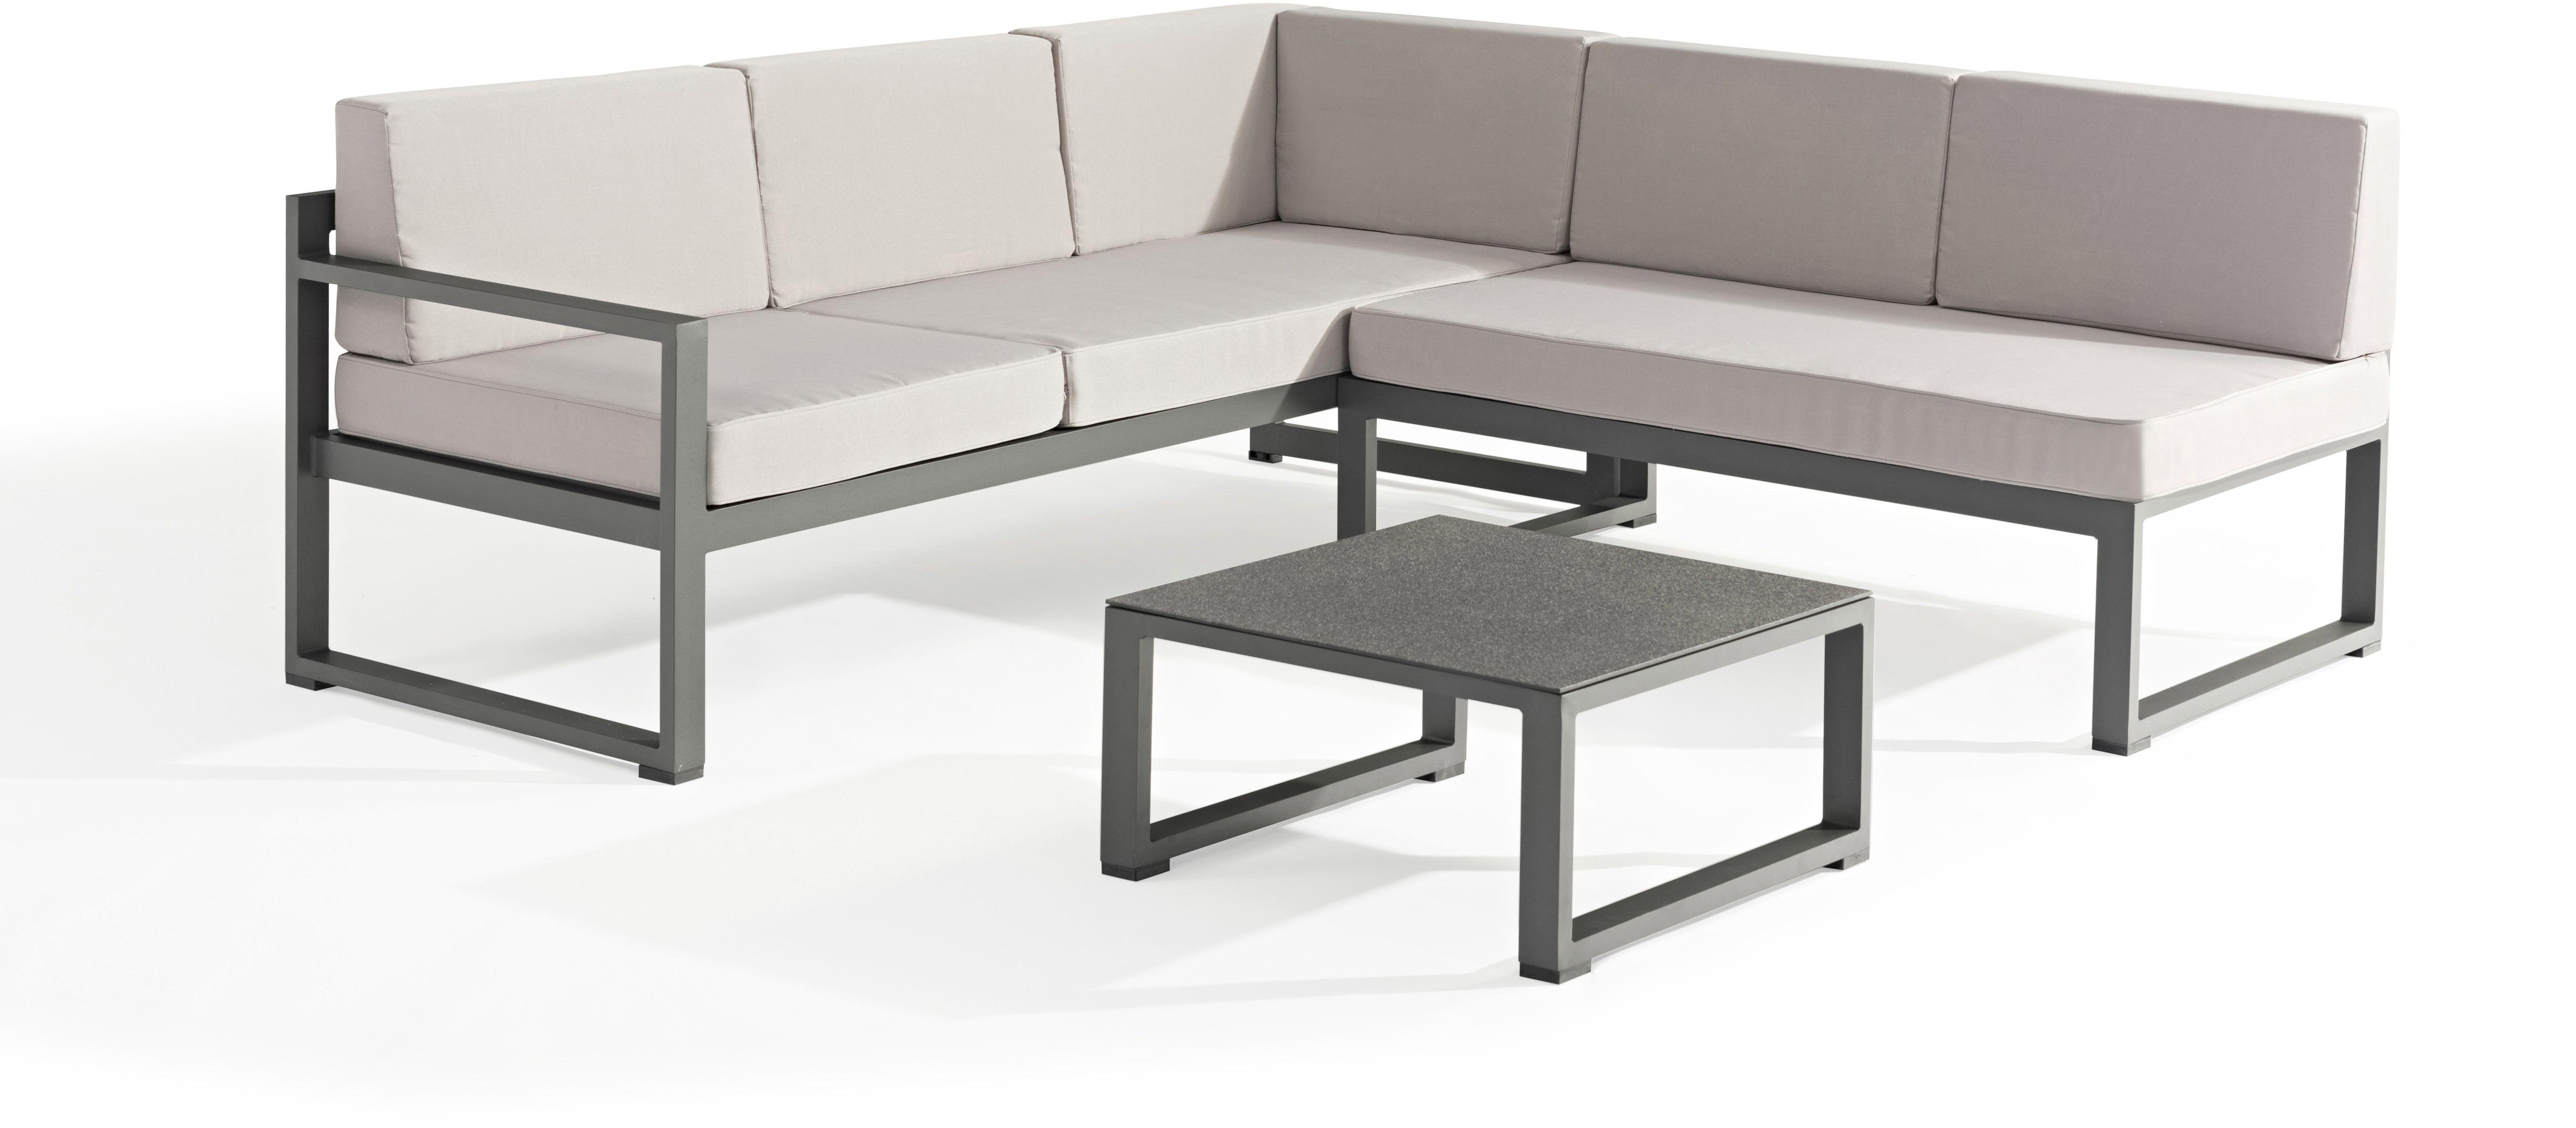 Salon De Jardin Relax Aluminium Delorm Gris Mobilier Design Decoration Design Mobilier